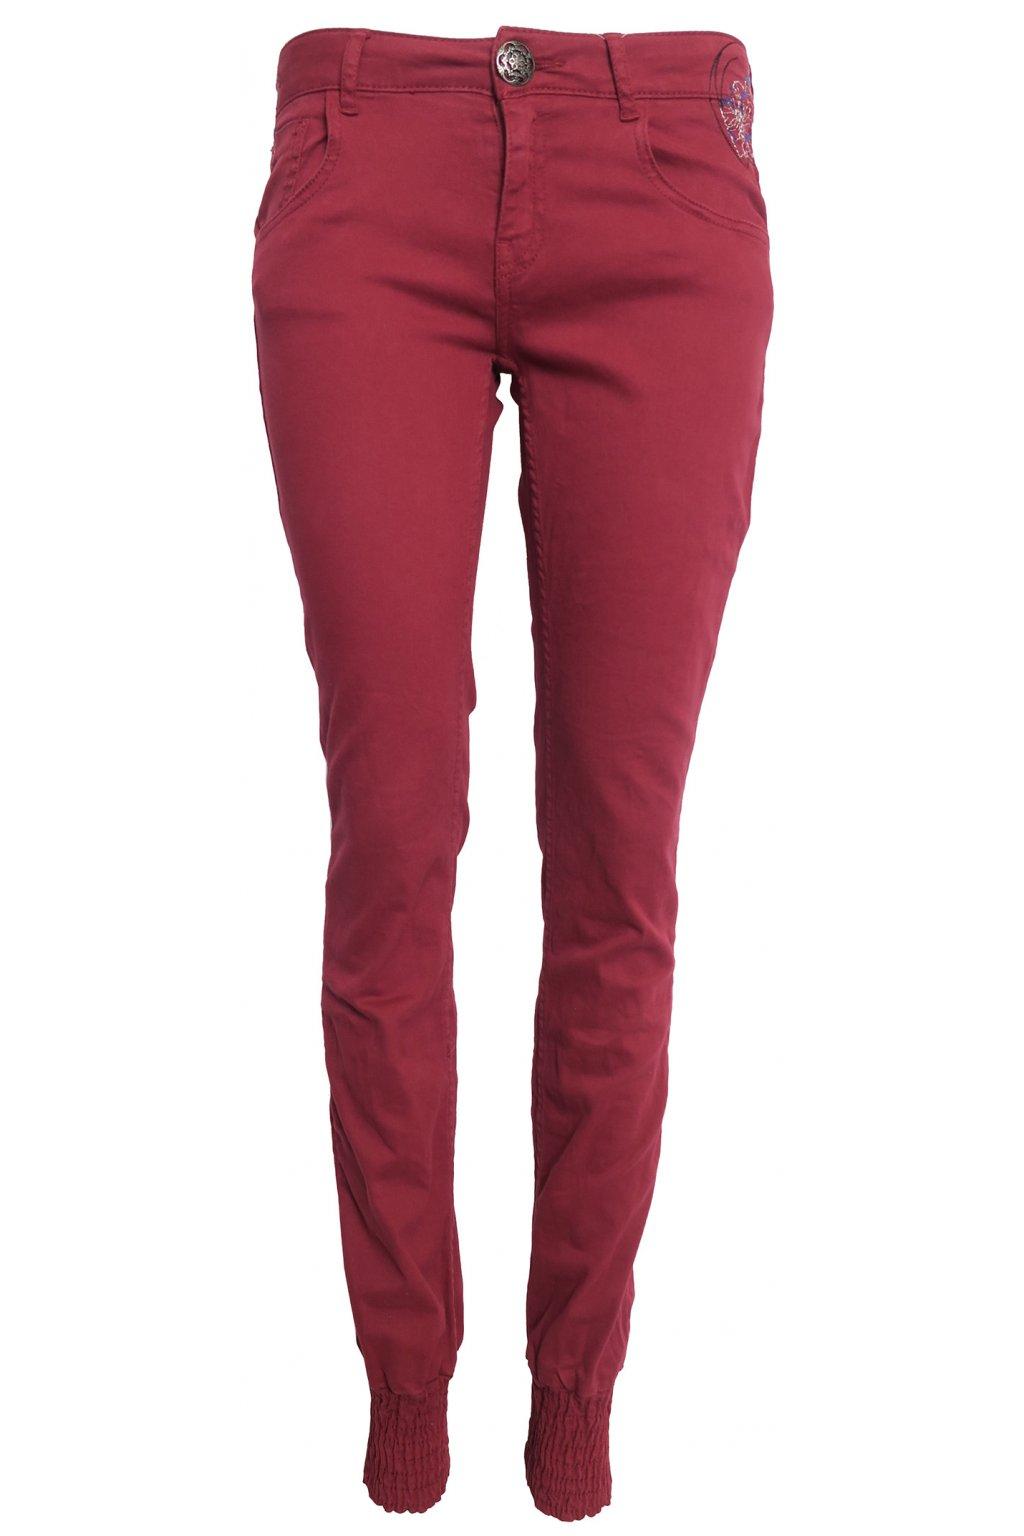 Desigual barevné džíny s výšivkami